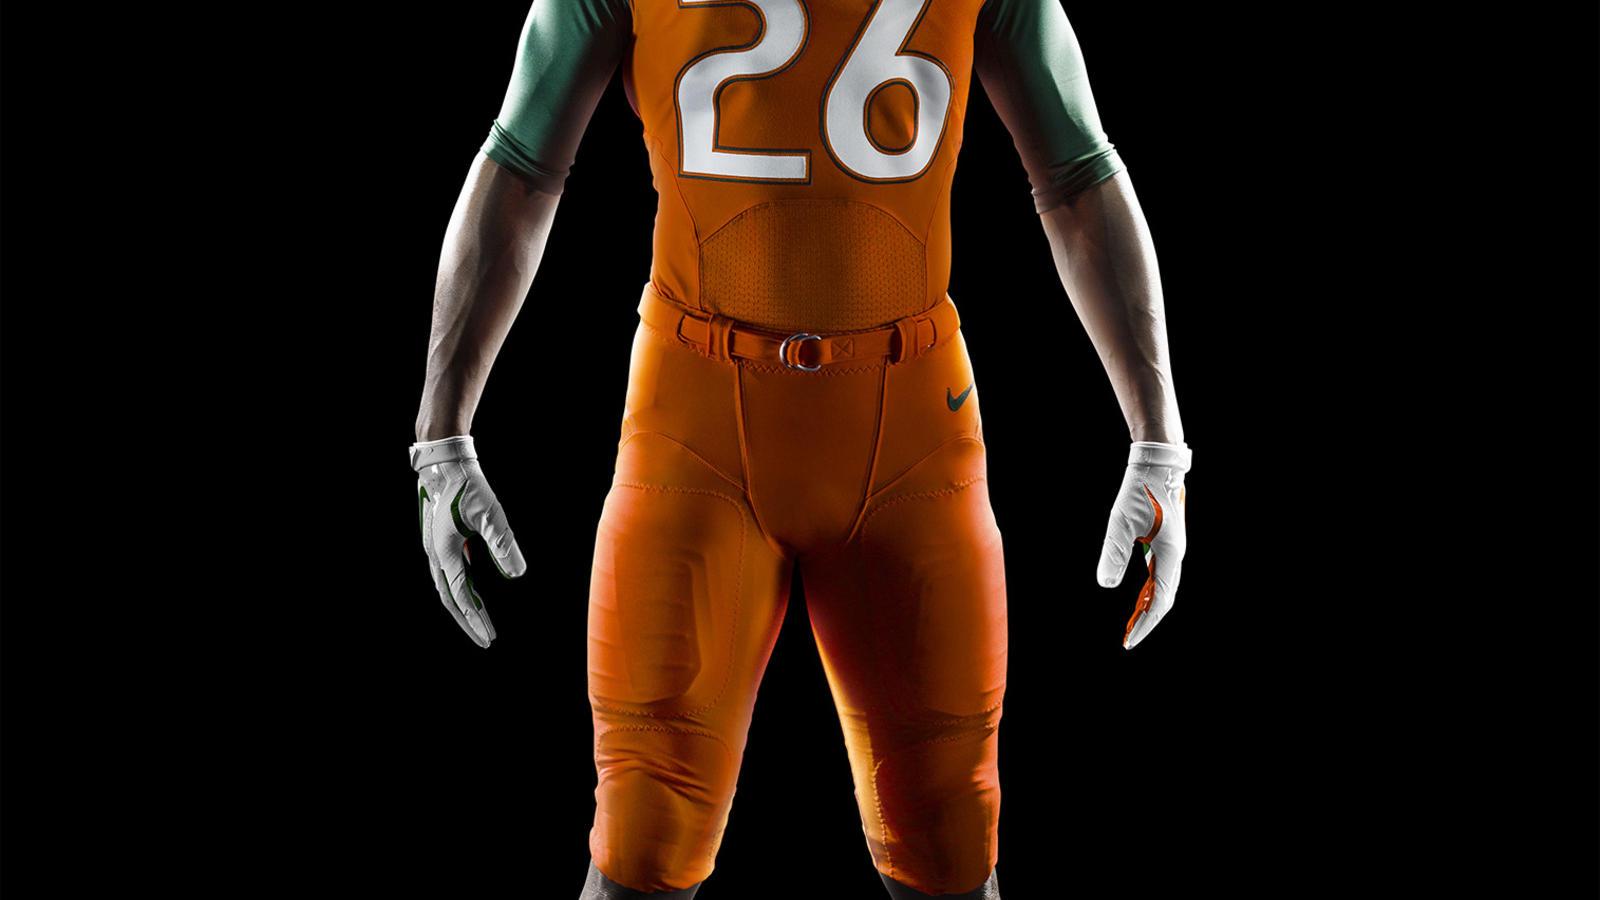 f7615eae1 su14 at ncaa miami front orange jersey.  su14 at ncaa miami front green jersey.  su14 at ncaa miami front white jersey new. su14 at ncaa miami comp front new